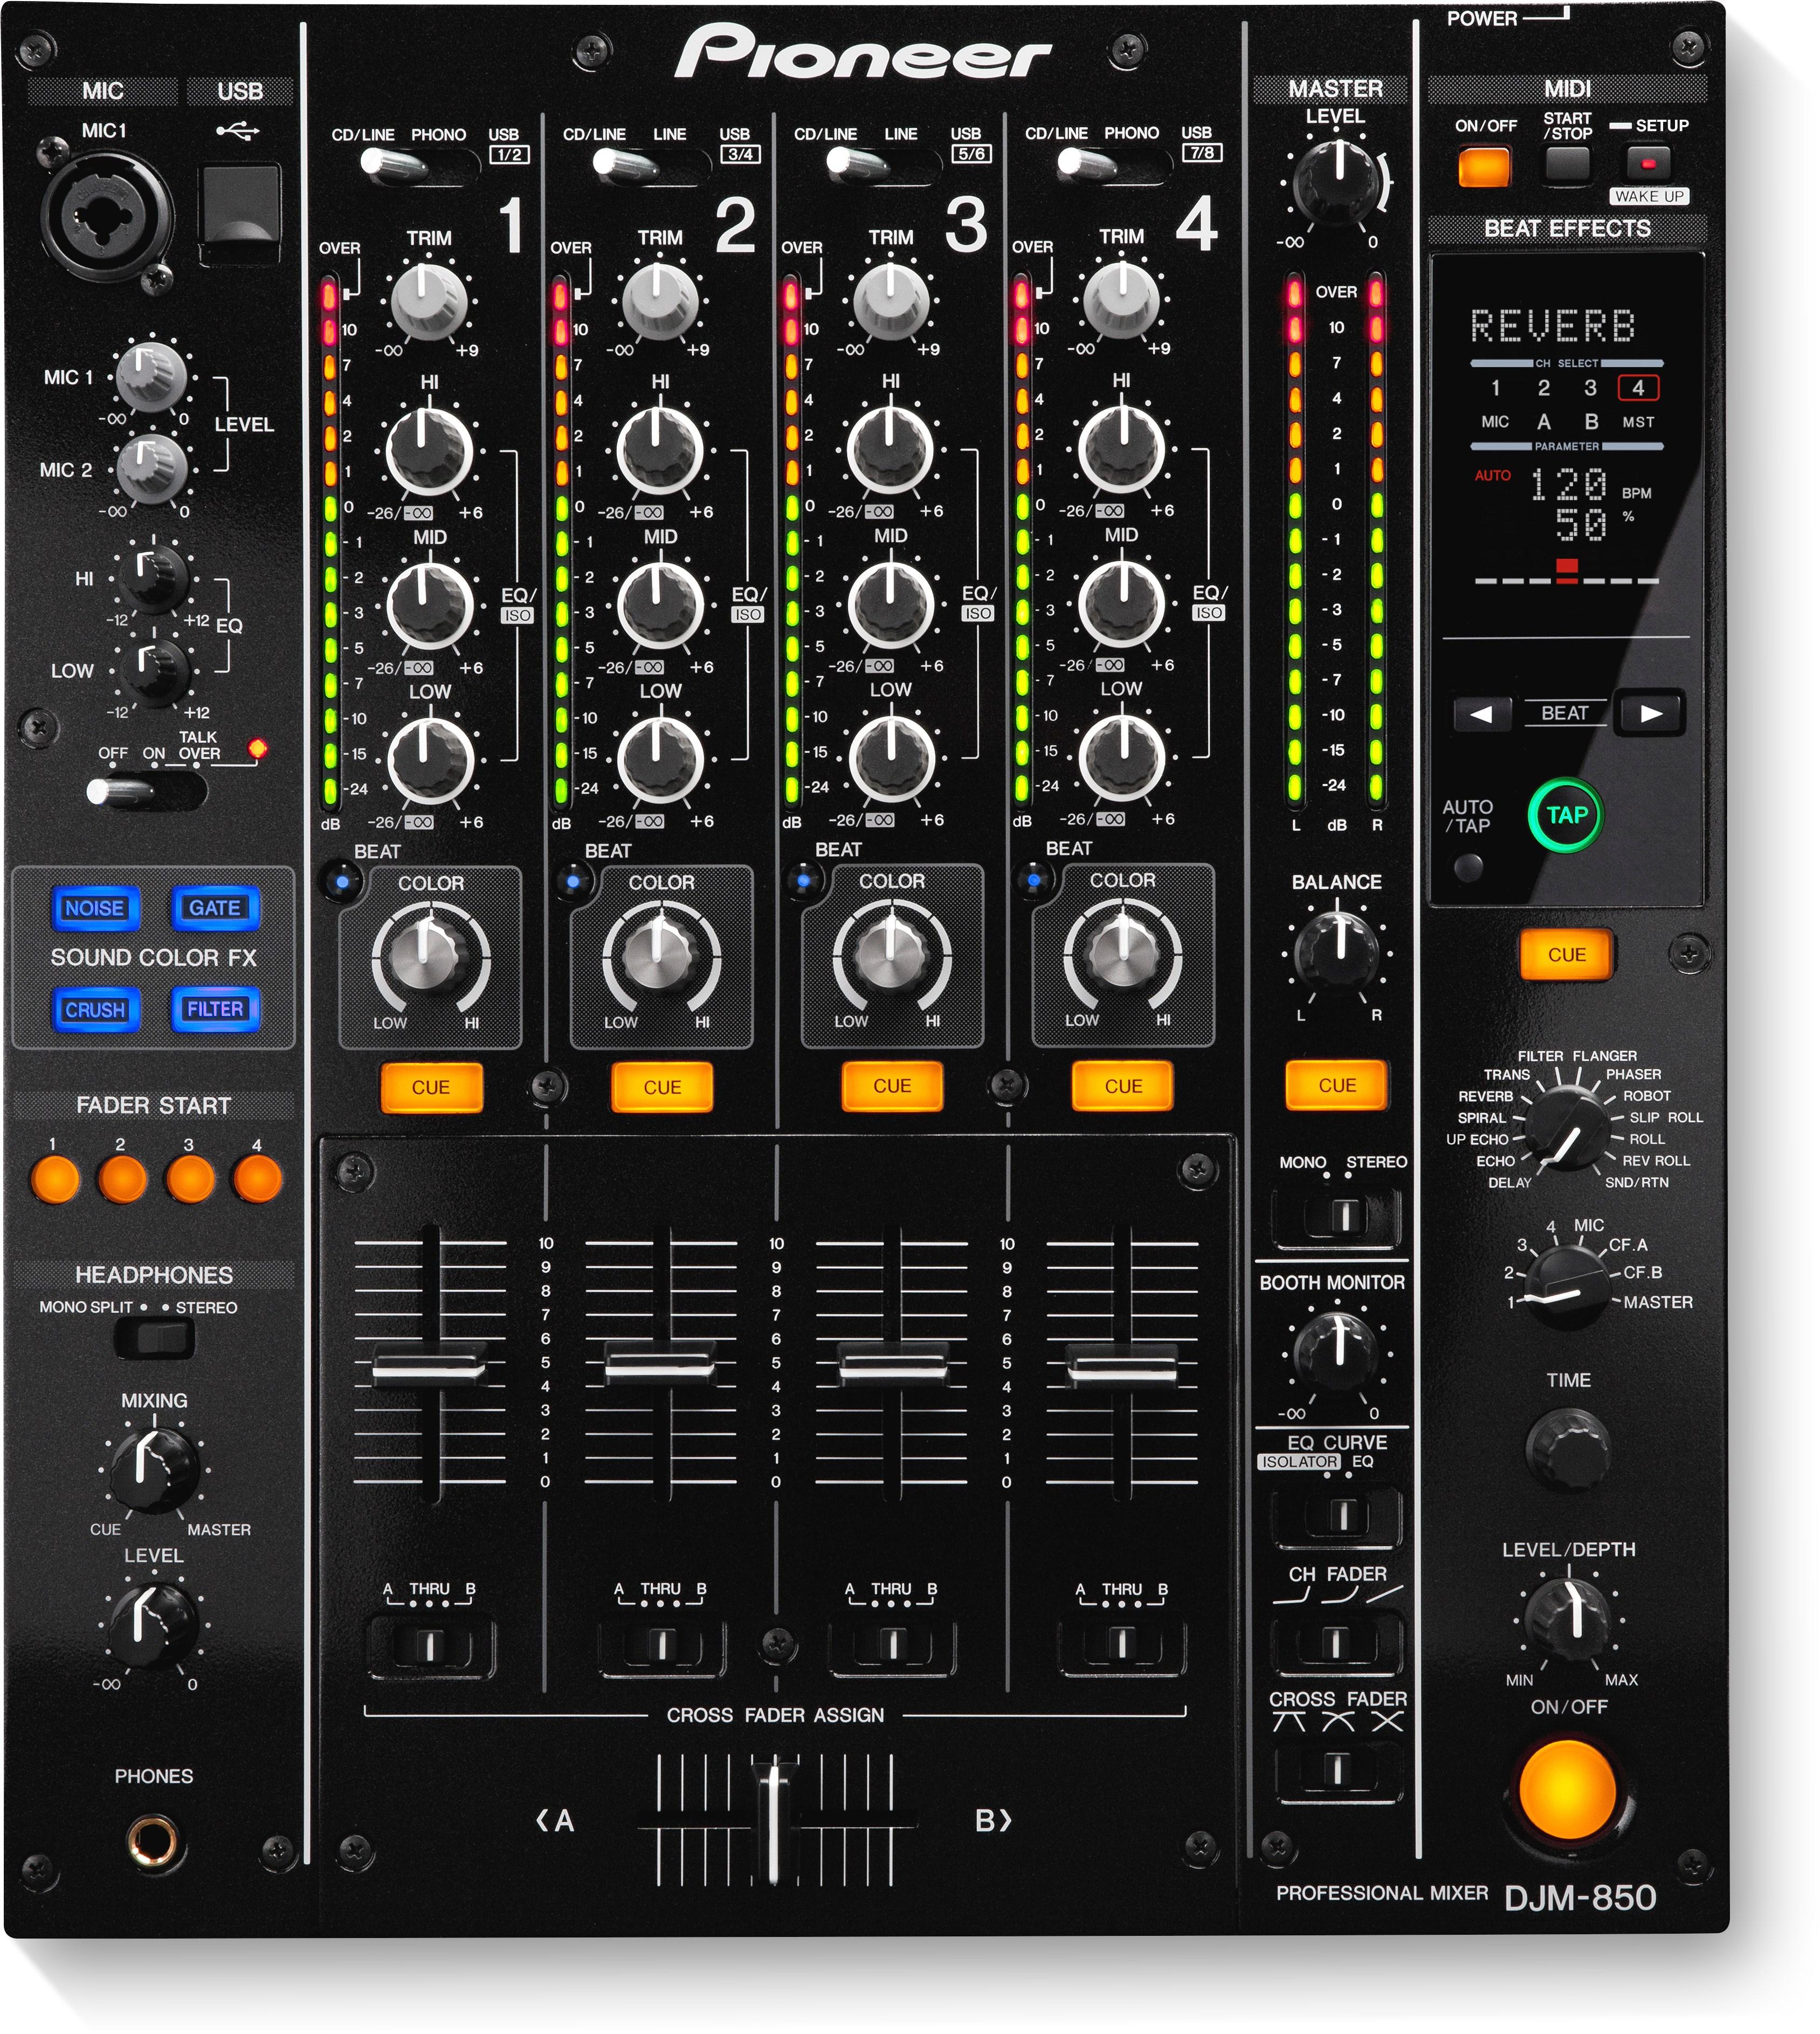 DJM-850 main